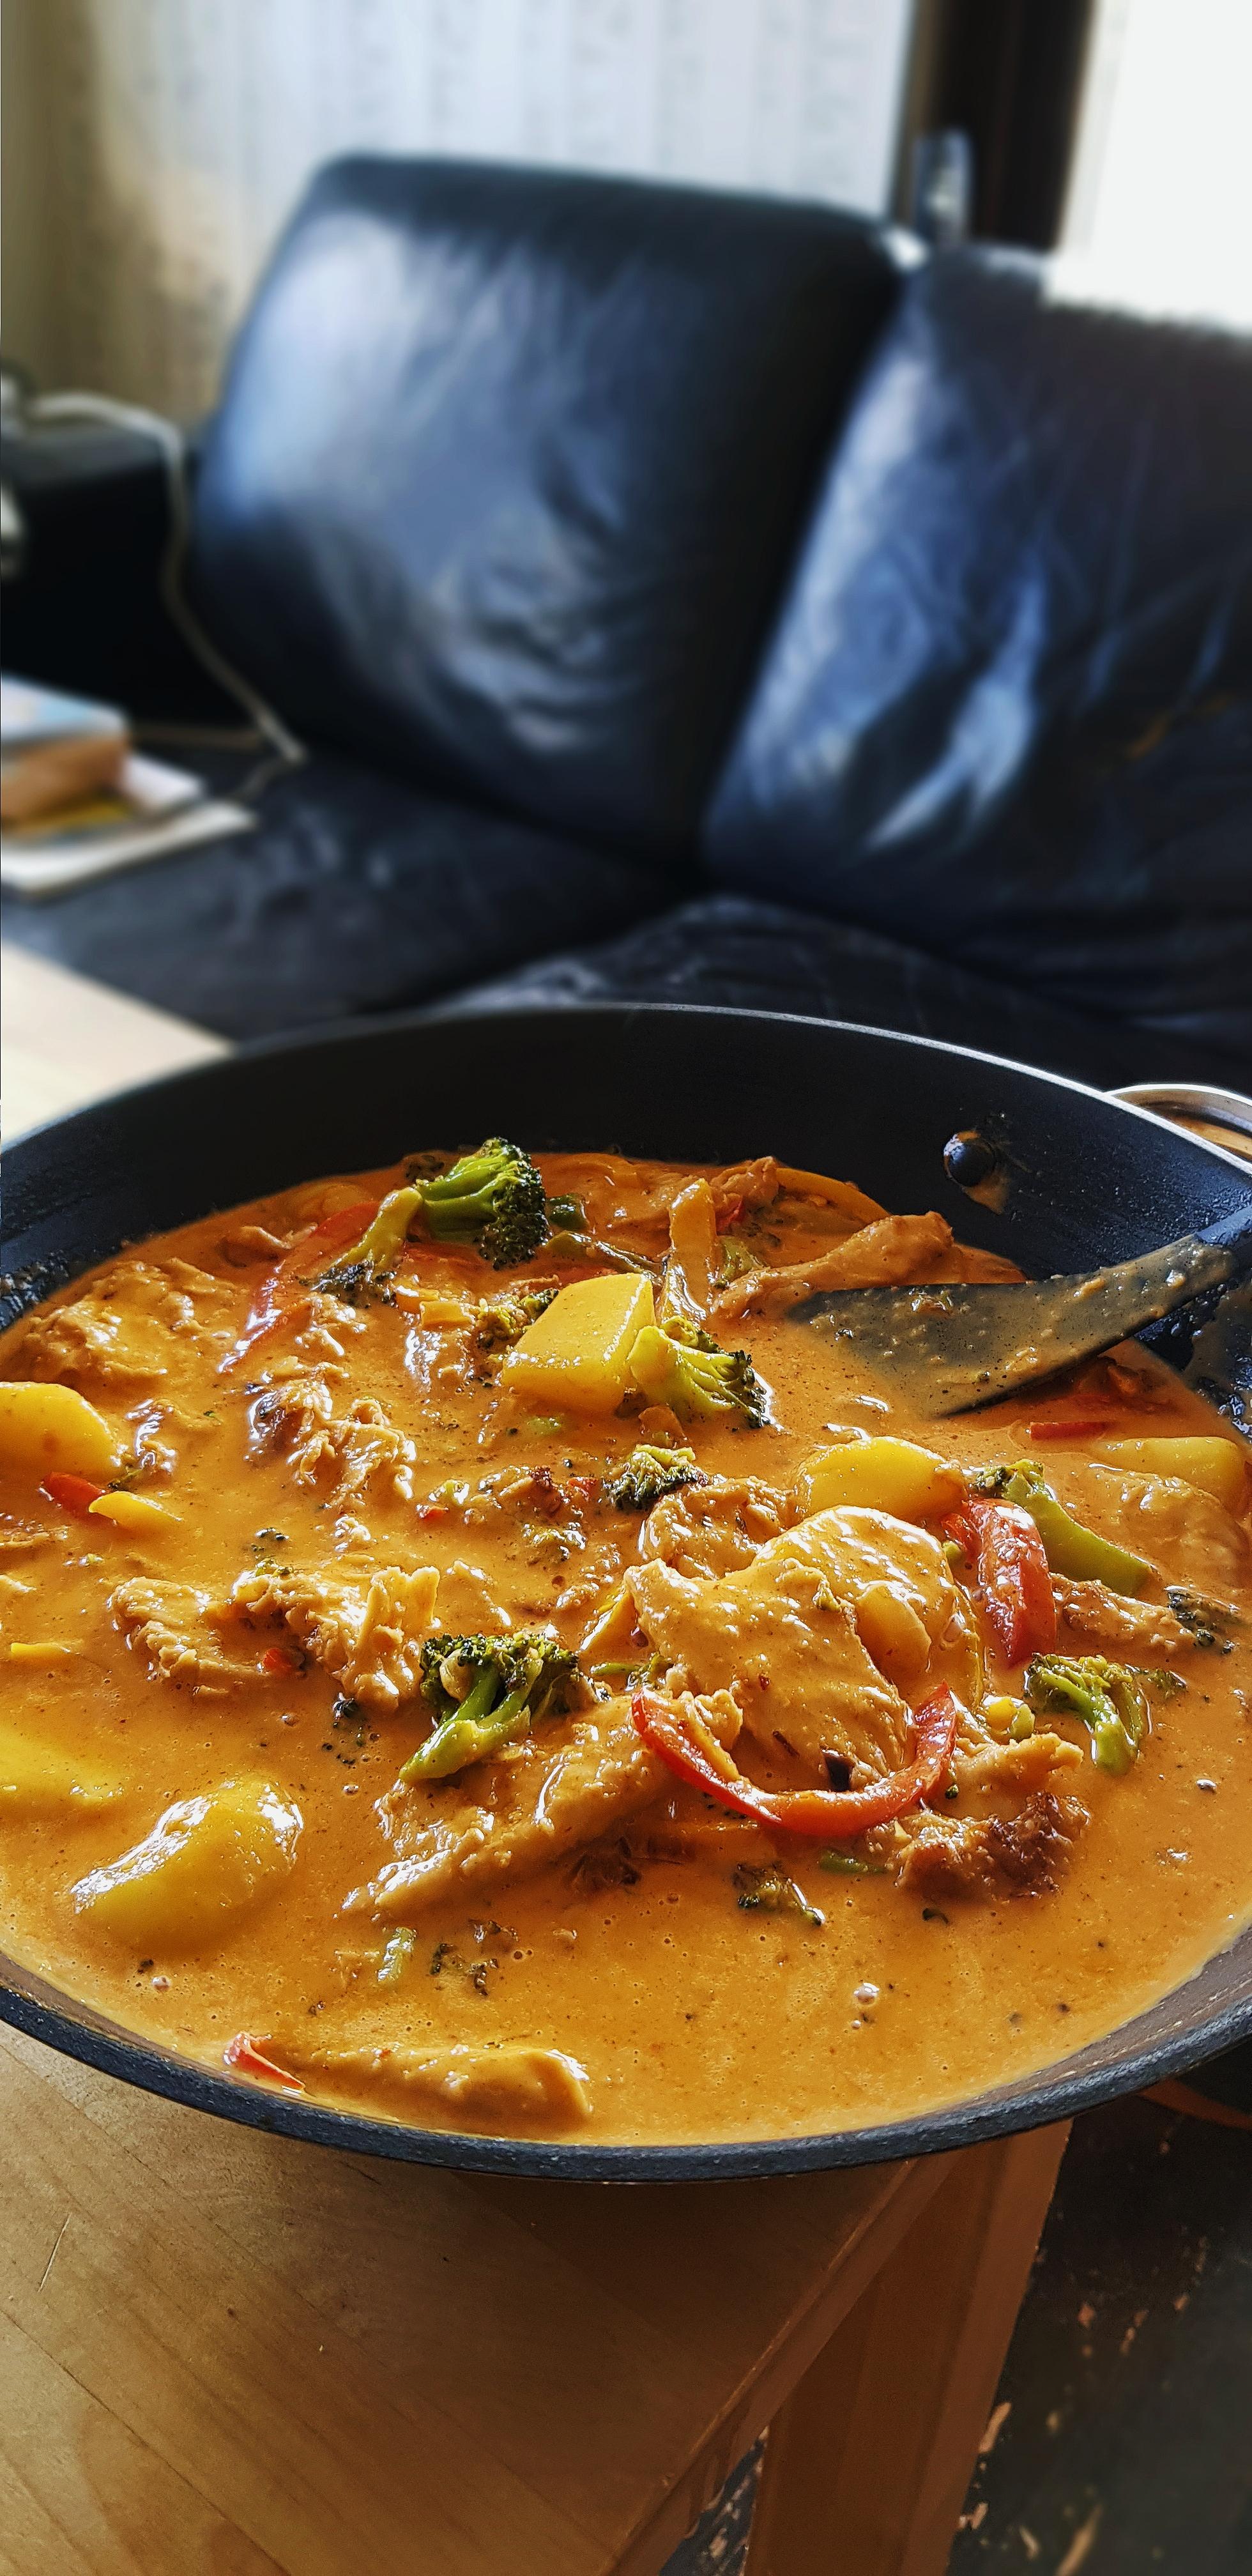 Röd curry - Ihopkokad och klar!